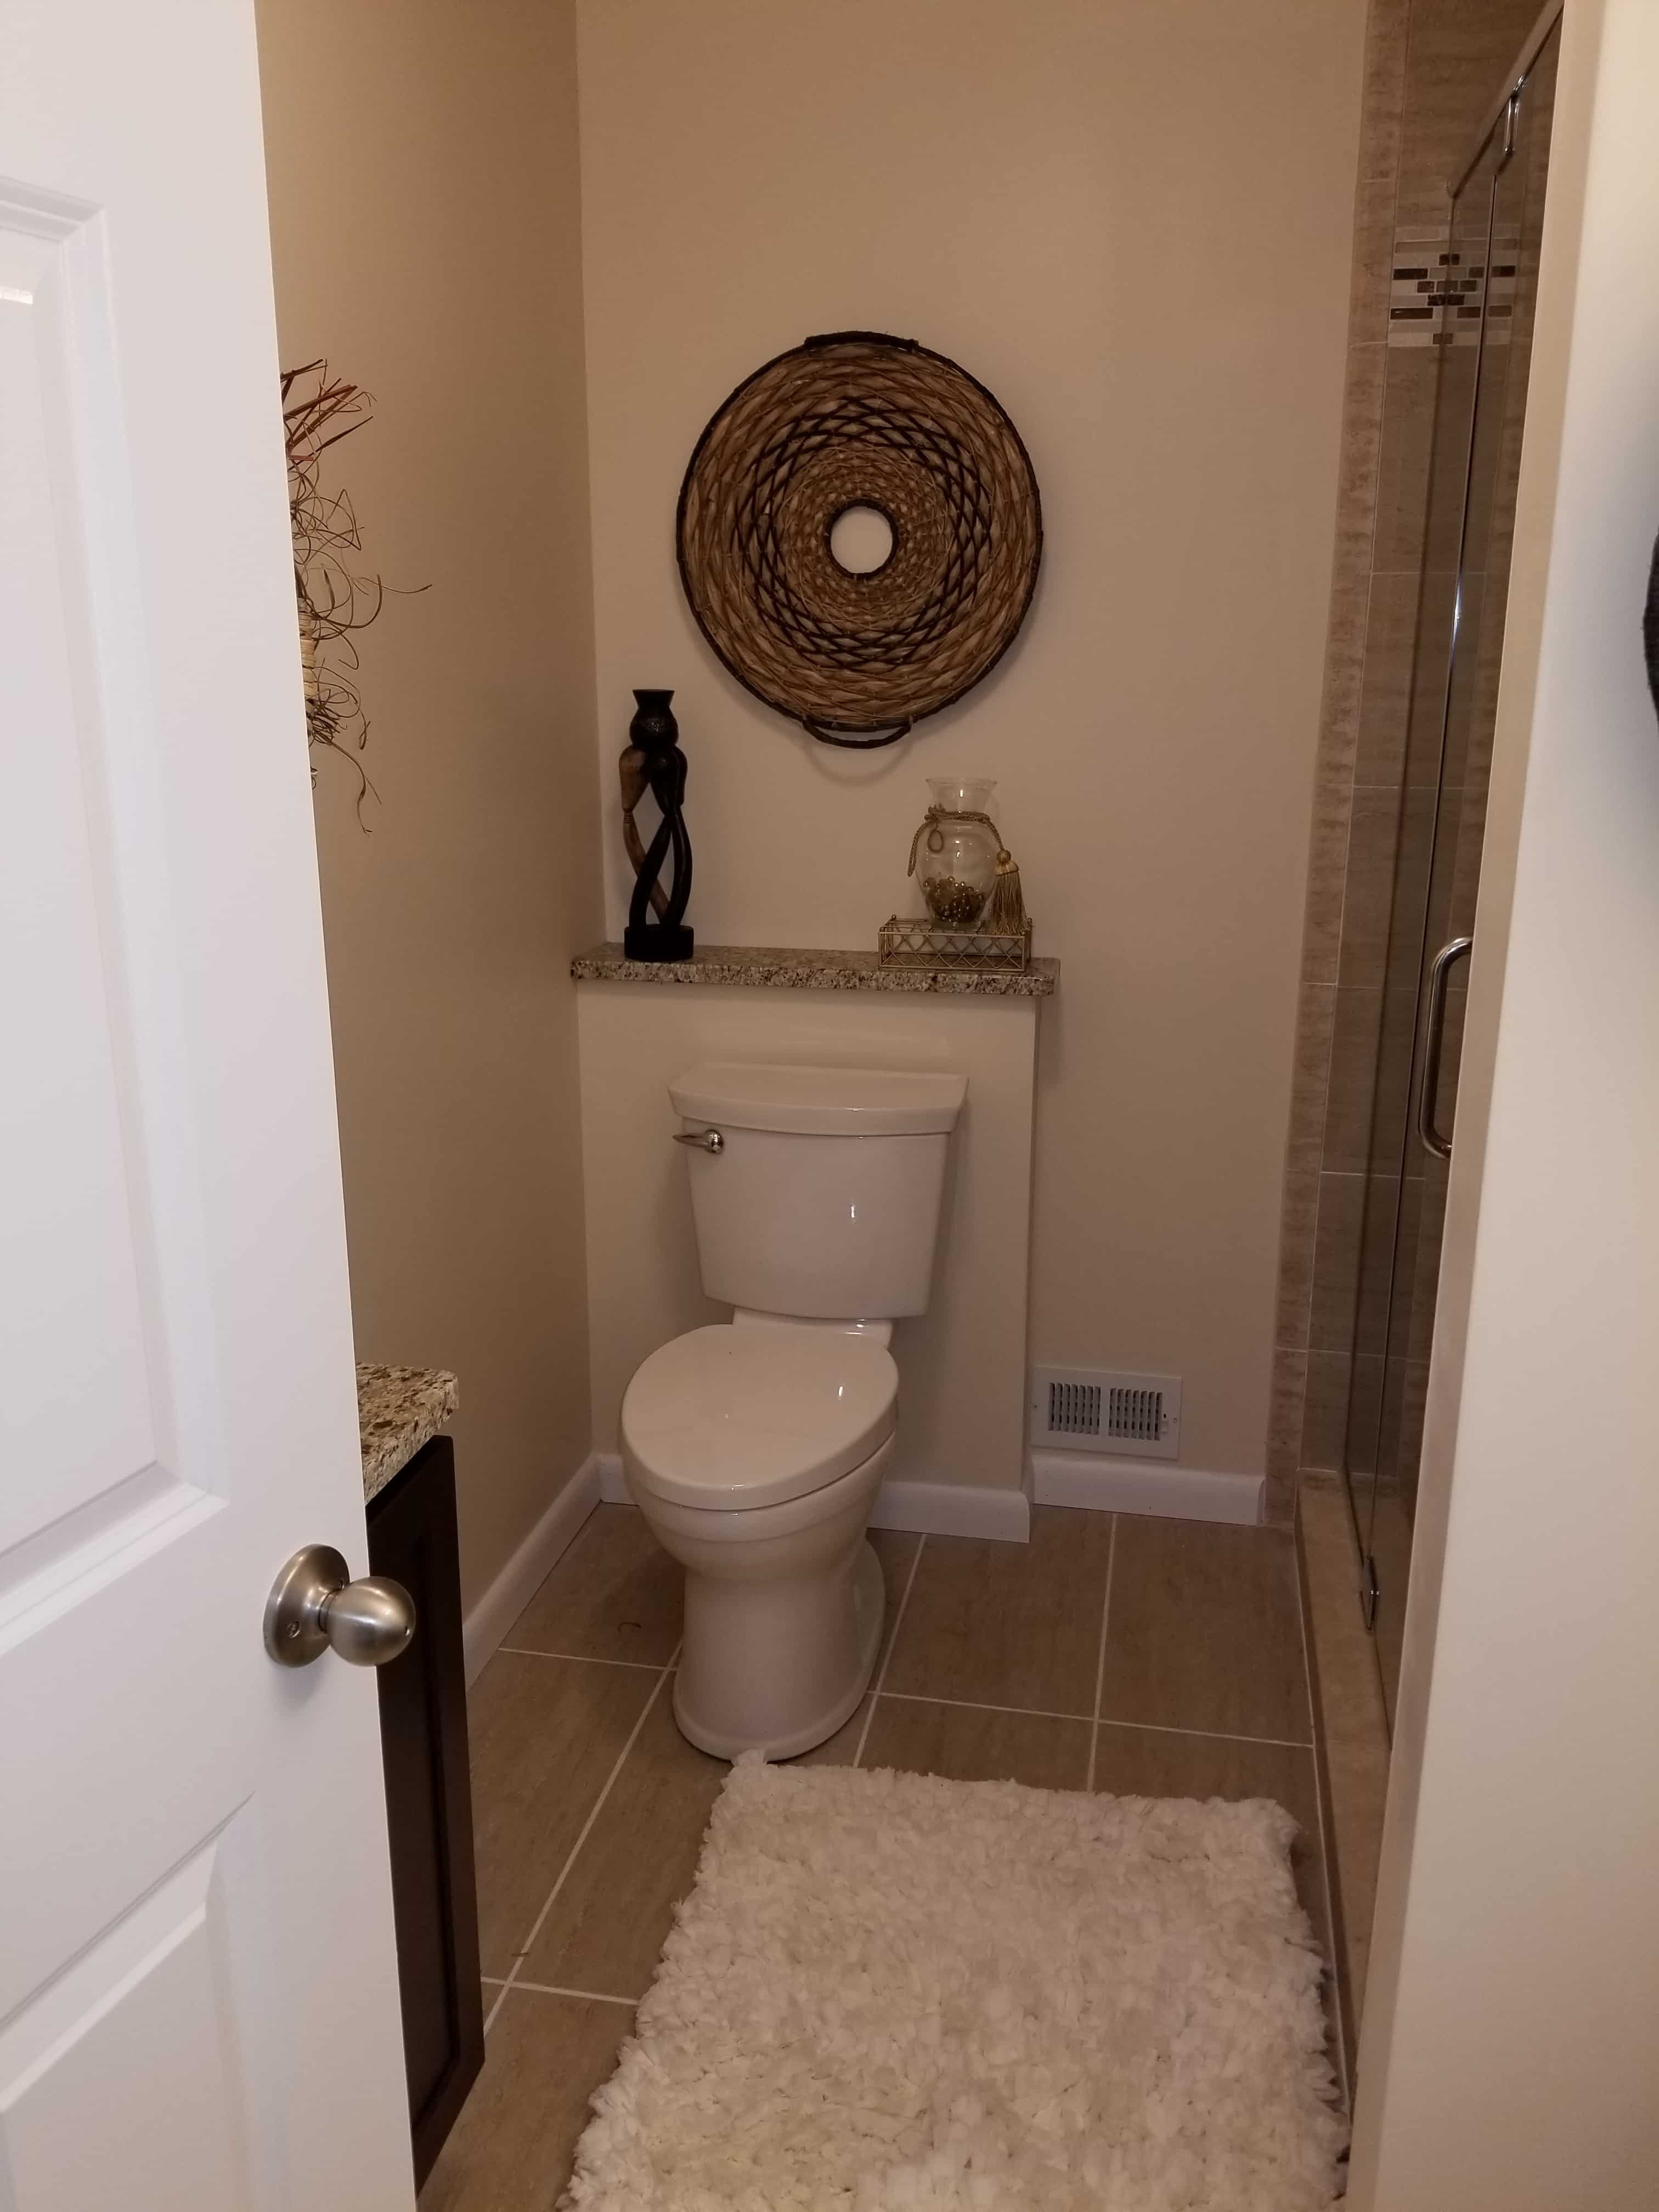 https://0201.nccdn.net/1_2/000/000/0ed/701/BathroomToilet-min-3024x4032.jpg